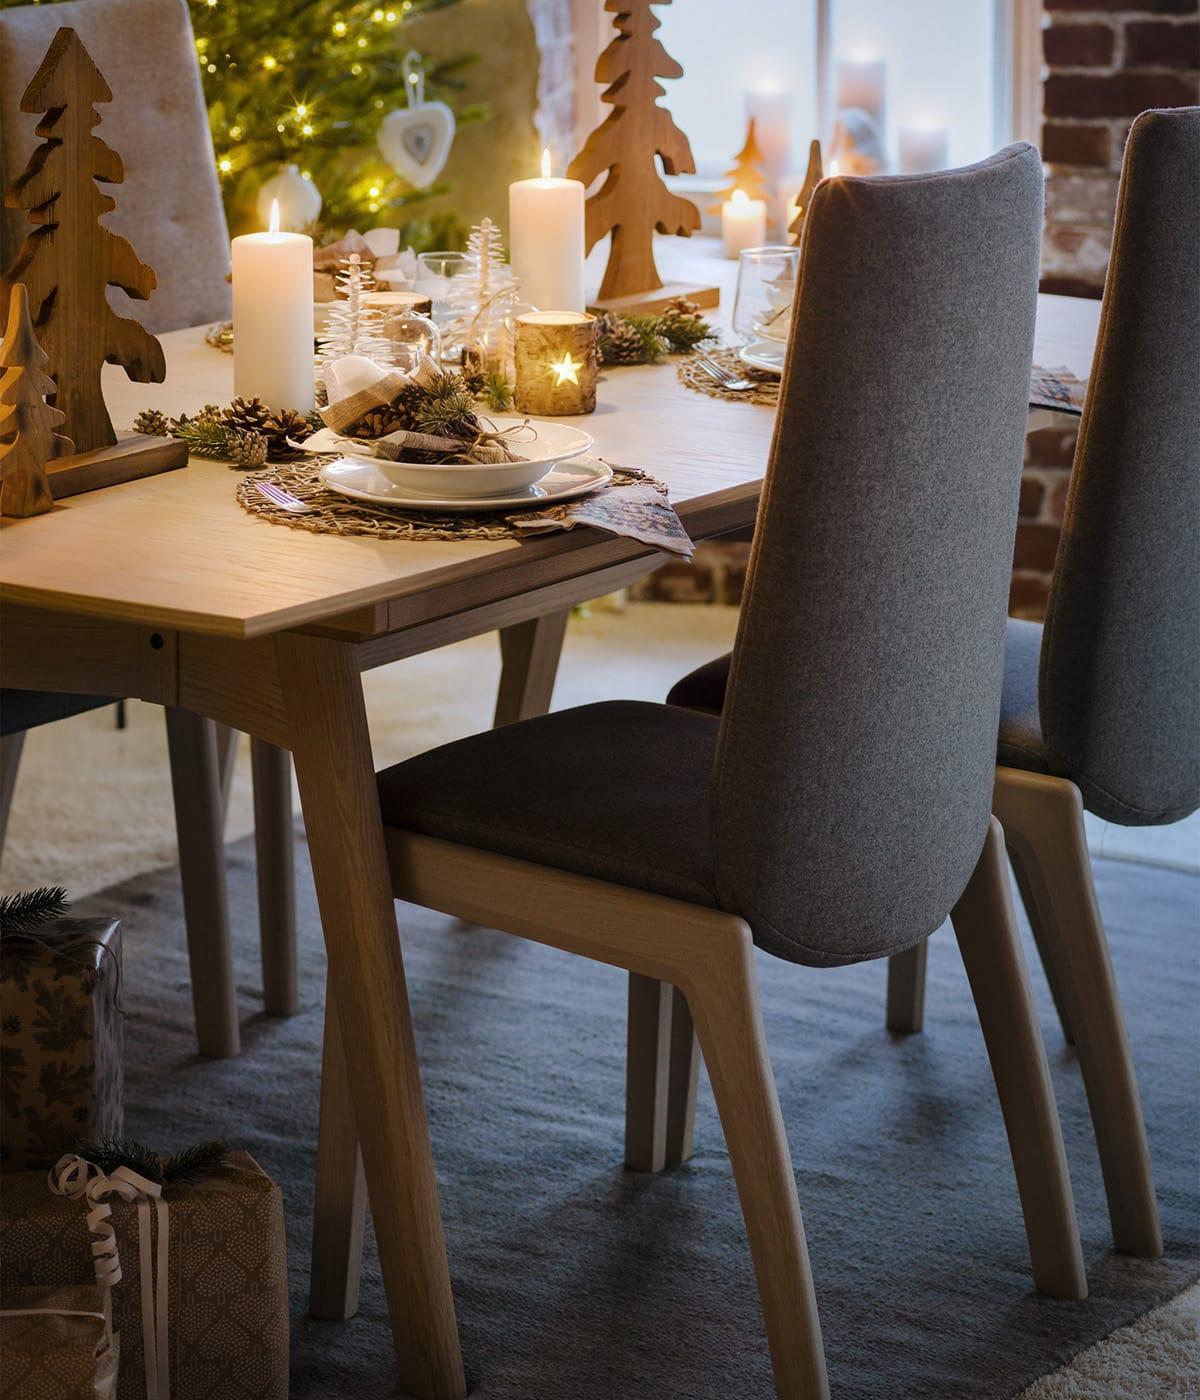 Statt einer großen Weihnachtsparty könnt ihr auch ein Dinner veranstalten und den Abend auf Stressless Dining Stühlen genießen.